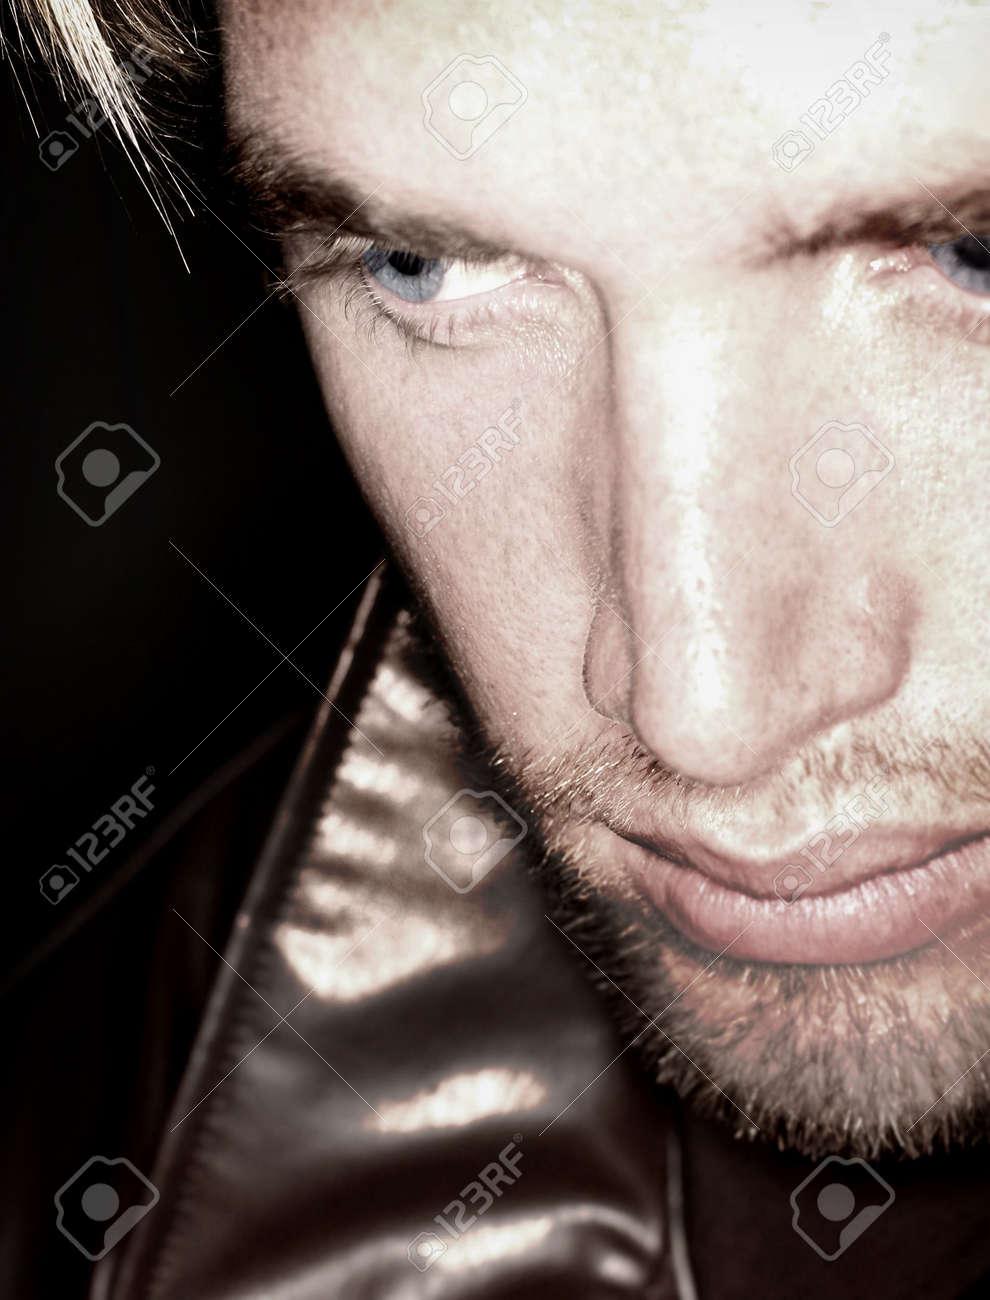 Blonden Haaren Und Blauen Augen Mann Sucht Ausschalten Und Ab In Die